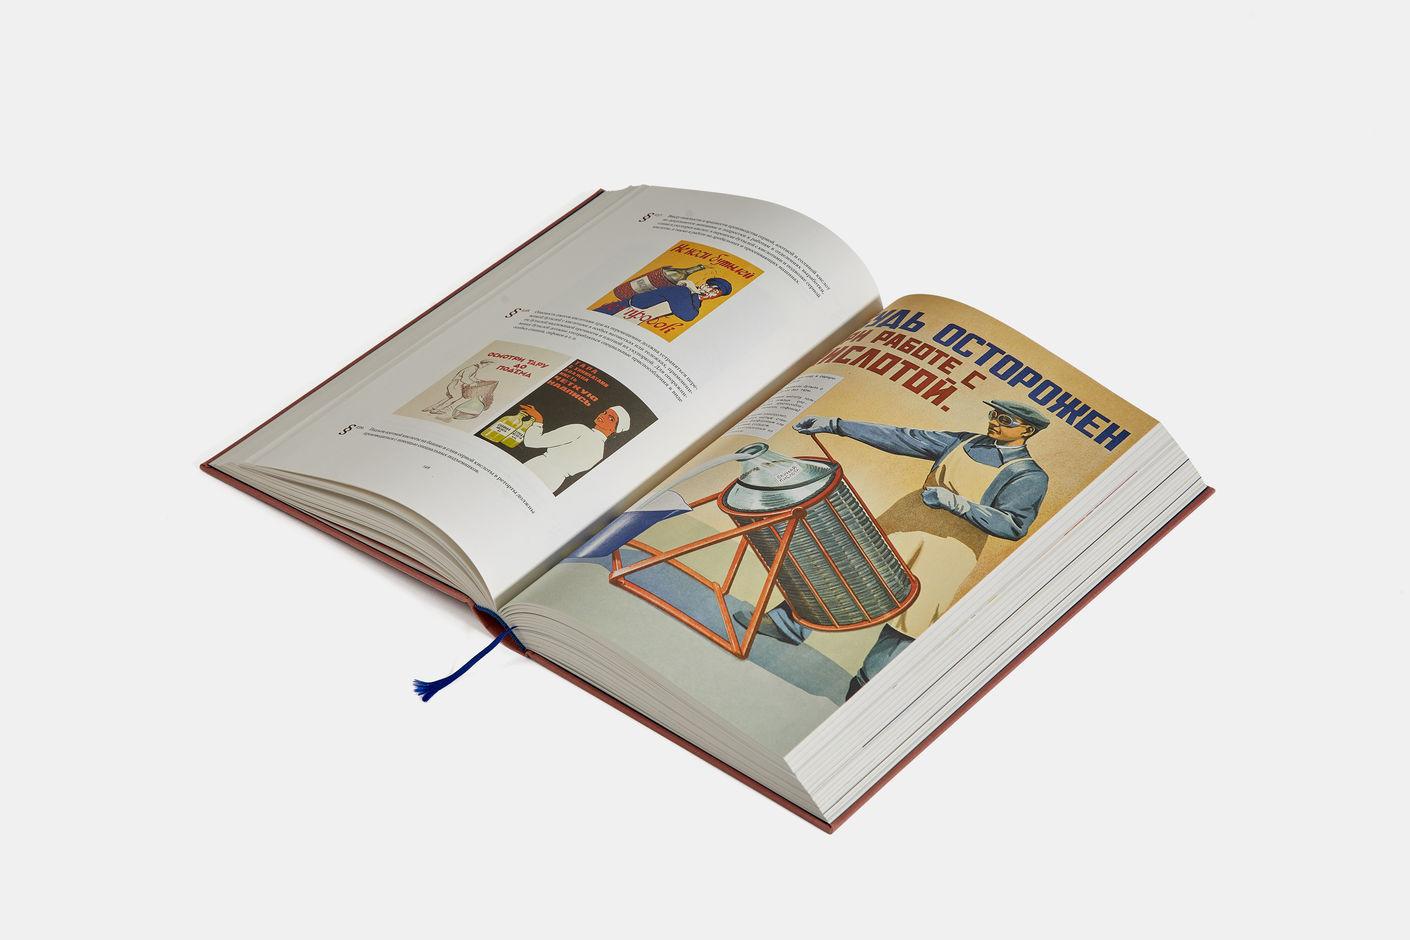 Подарочная книга Техника безопасности, Агей Томеш, Лаборатория дизайна НИУ ВШЭ